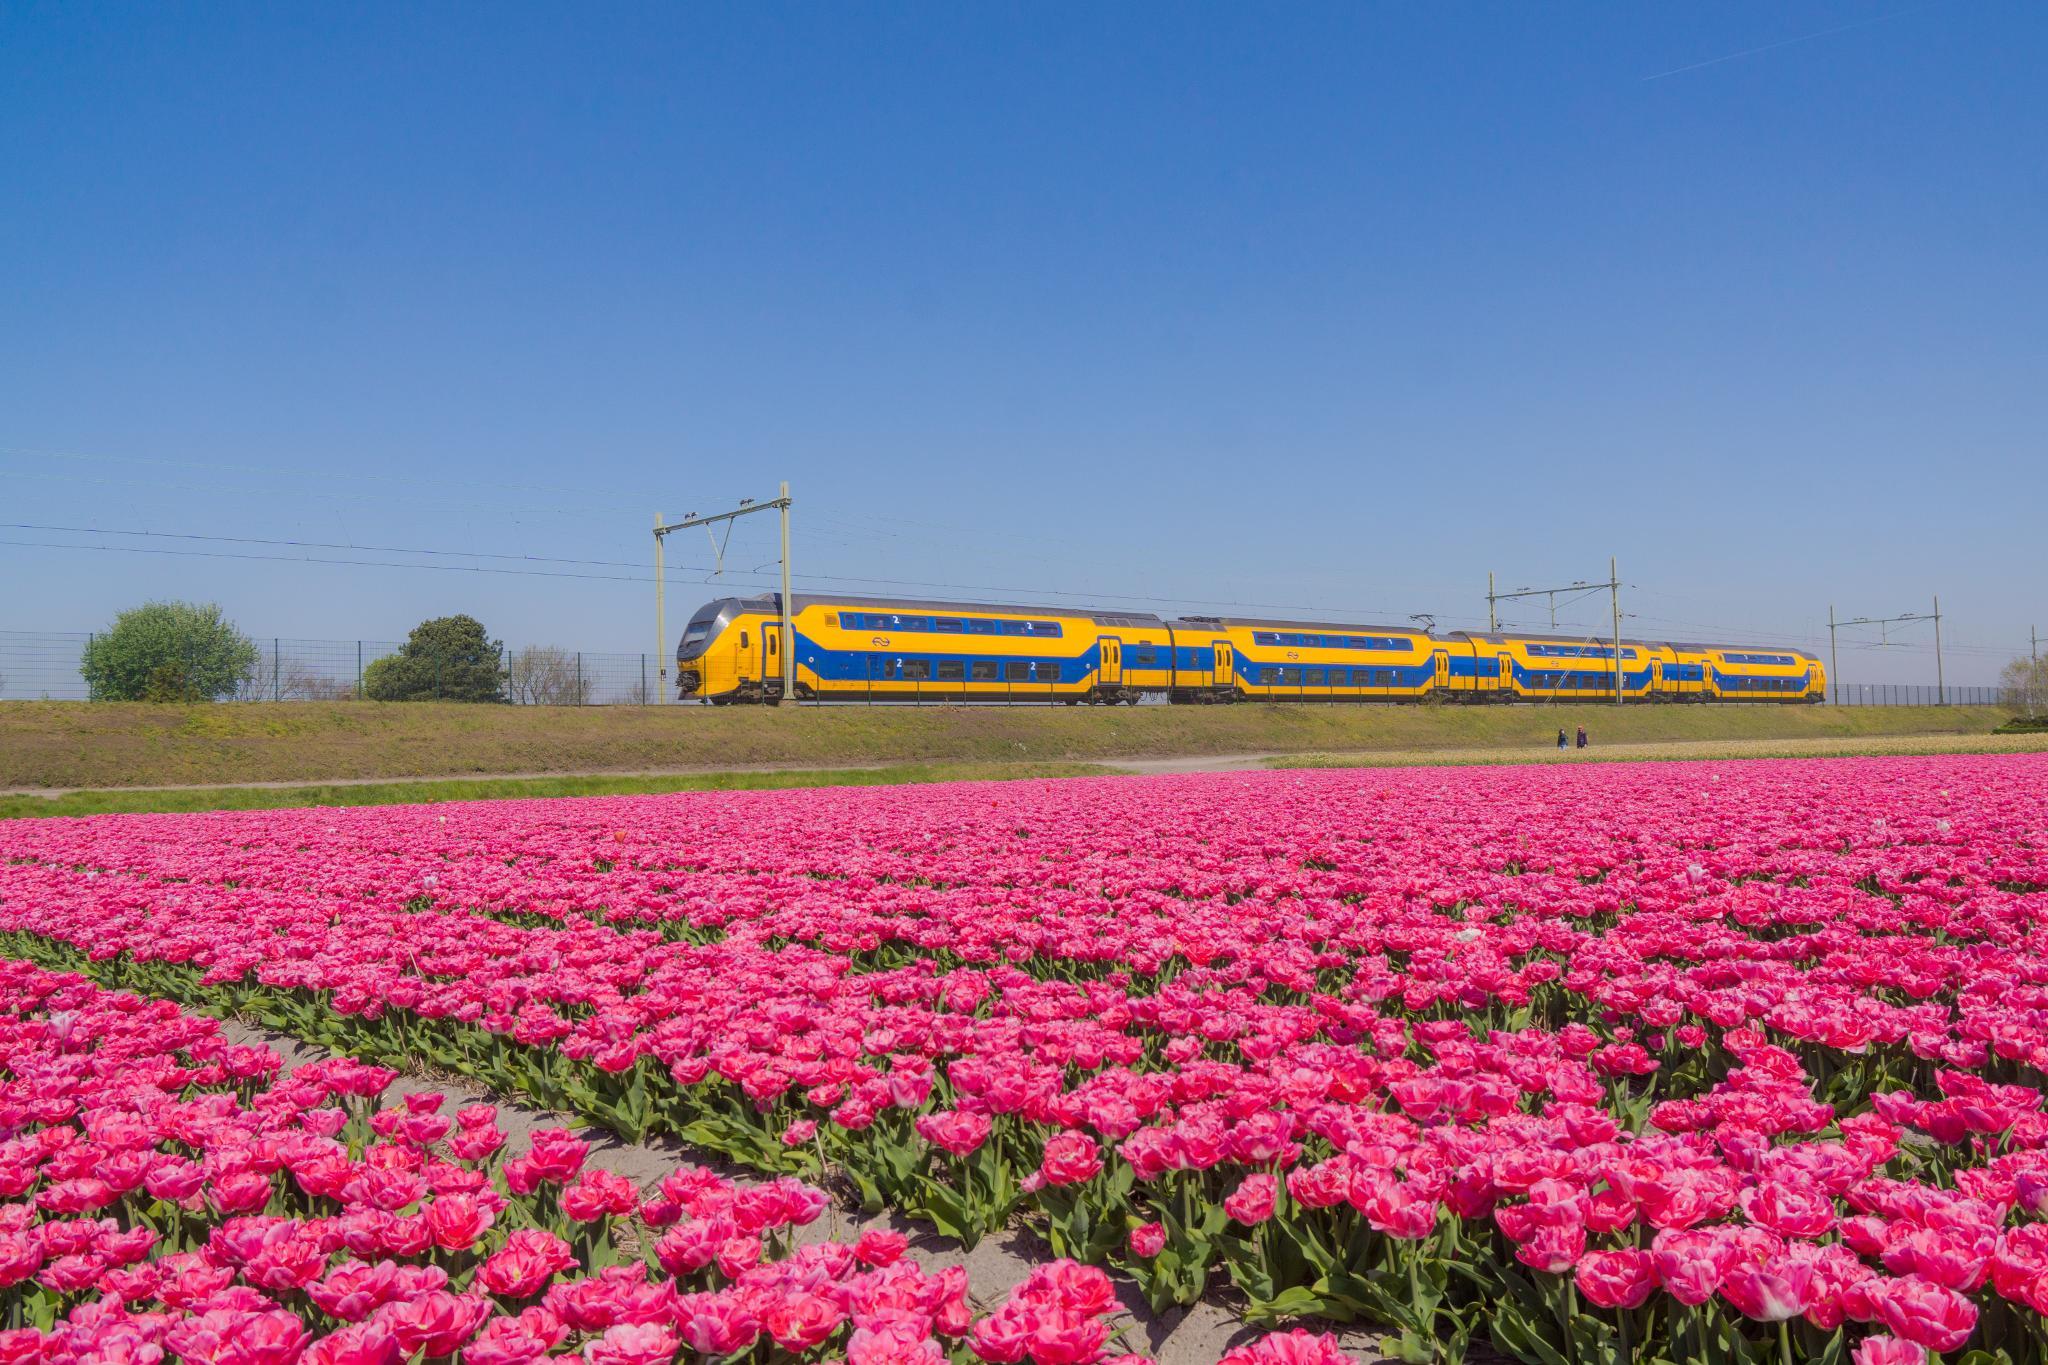 【荷蘭印象】花田嬉事:荷蘭單車花之路 13